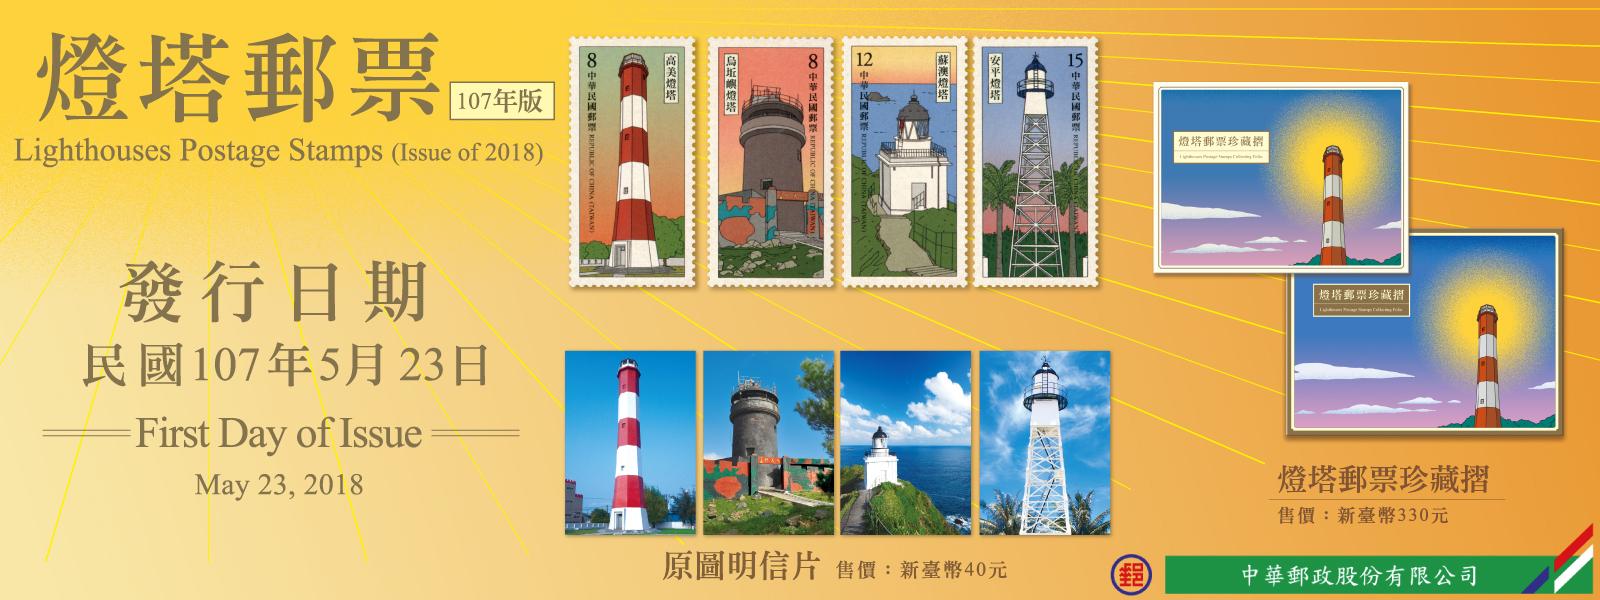 廣告連結:特663 燈塔郵票(107年版)